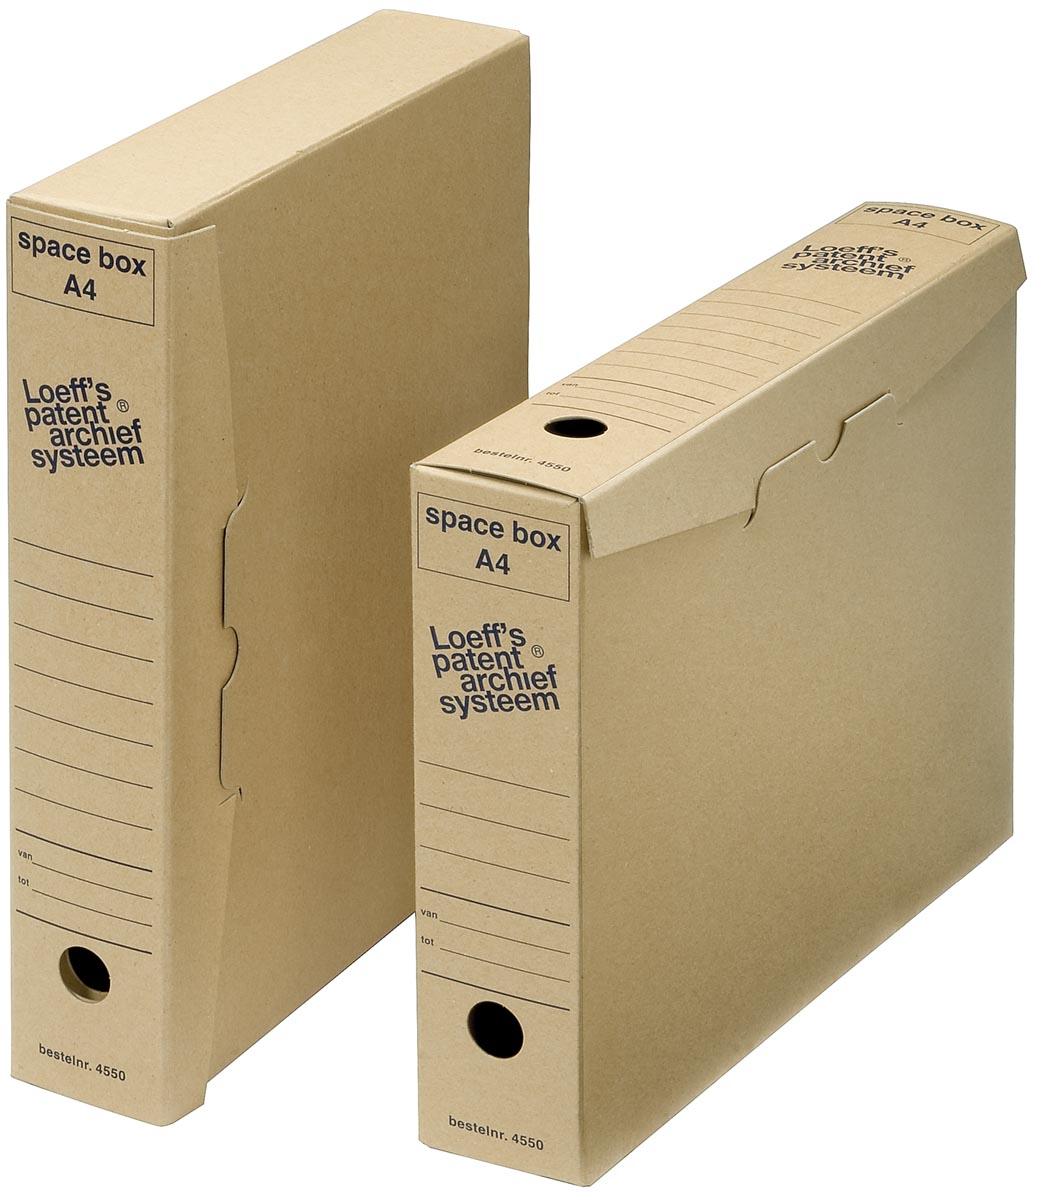 Loeff's archiefdozen Space box Ft 320 x 240 x 60 mm, pak van 50 stuks